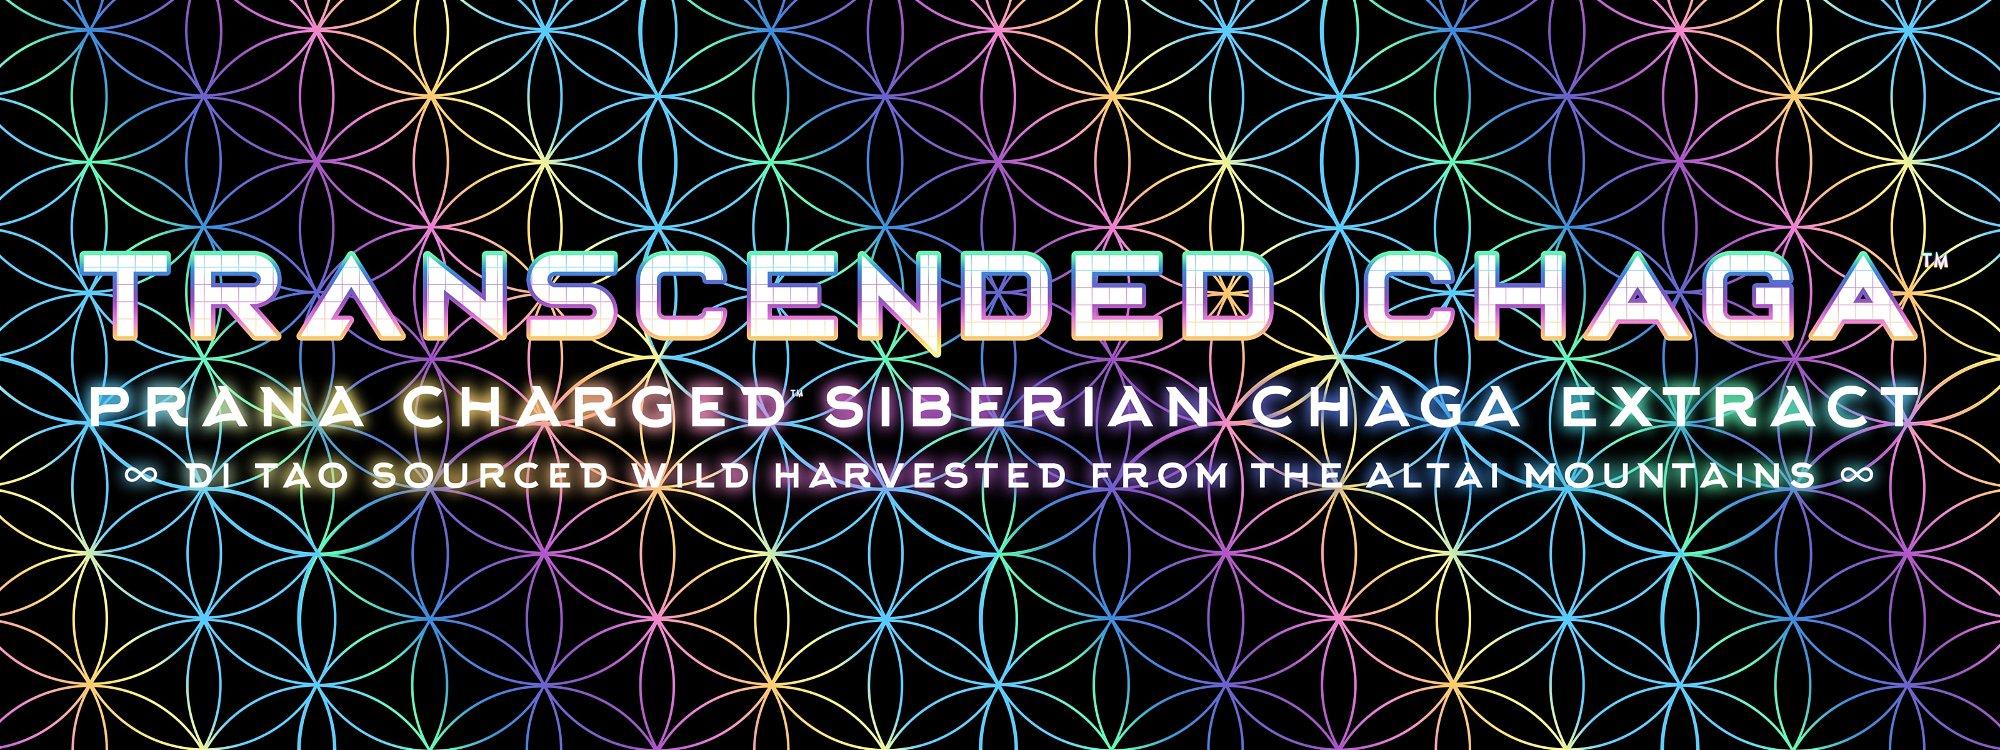 transcended siberian chaga extract